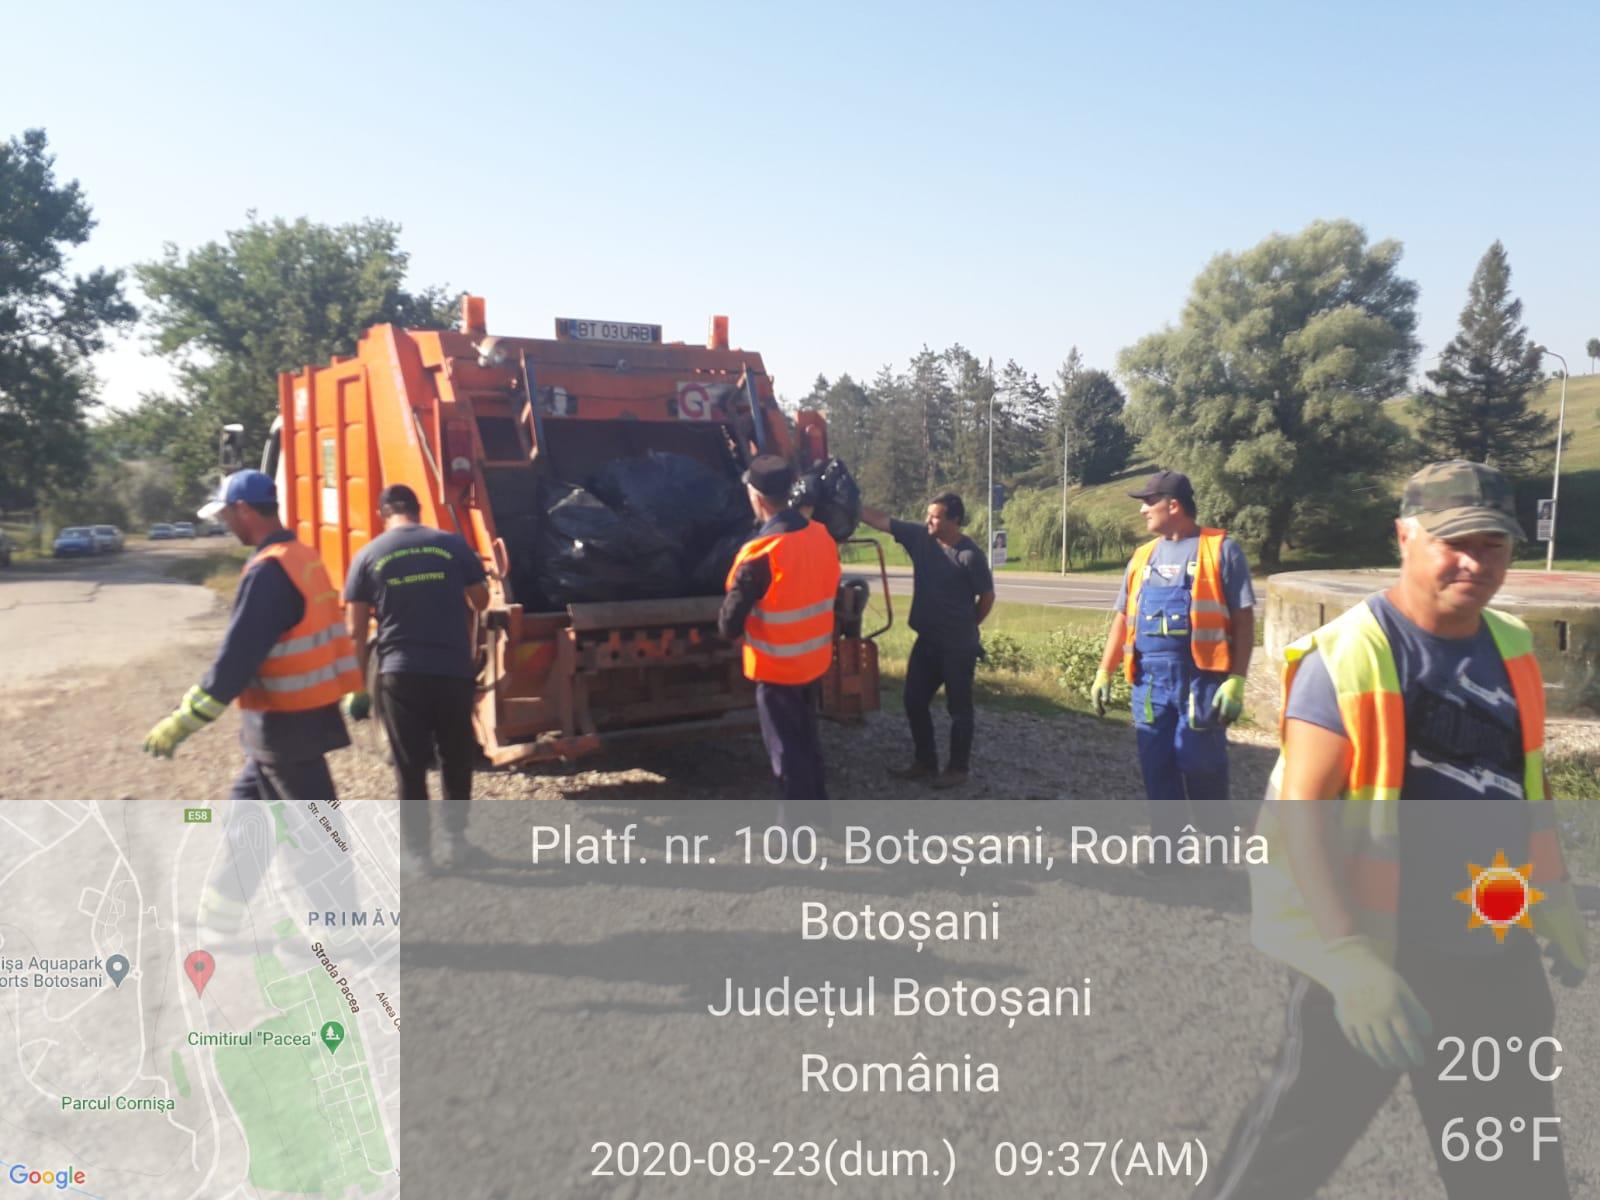 Directorul Urban Serv, Buhăianu a demarat o acțiune de ecologizare totală pentru zona Cornișa și Parcul Curcubeului pentru a nu se polua mediul cu deșeuri